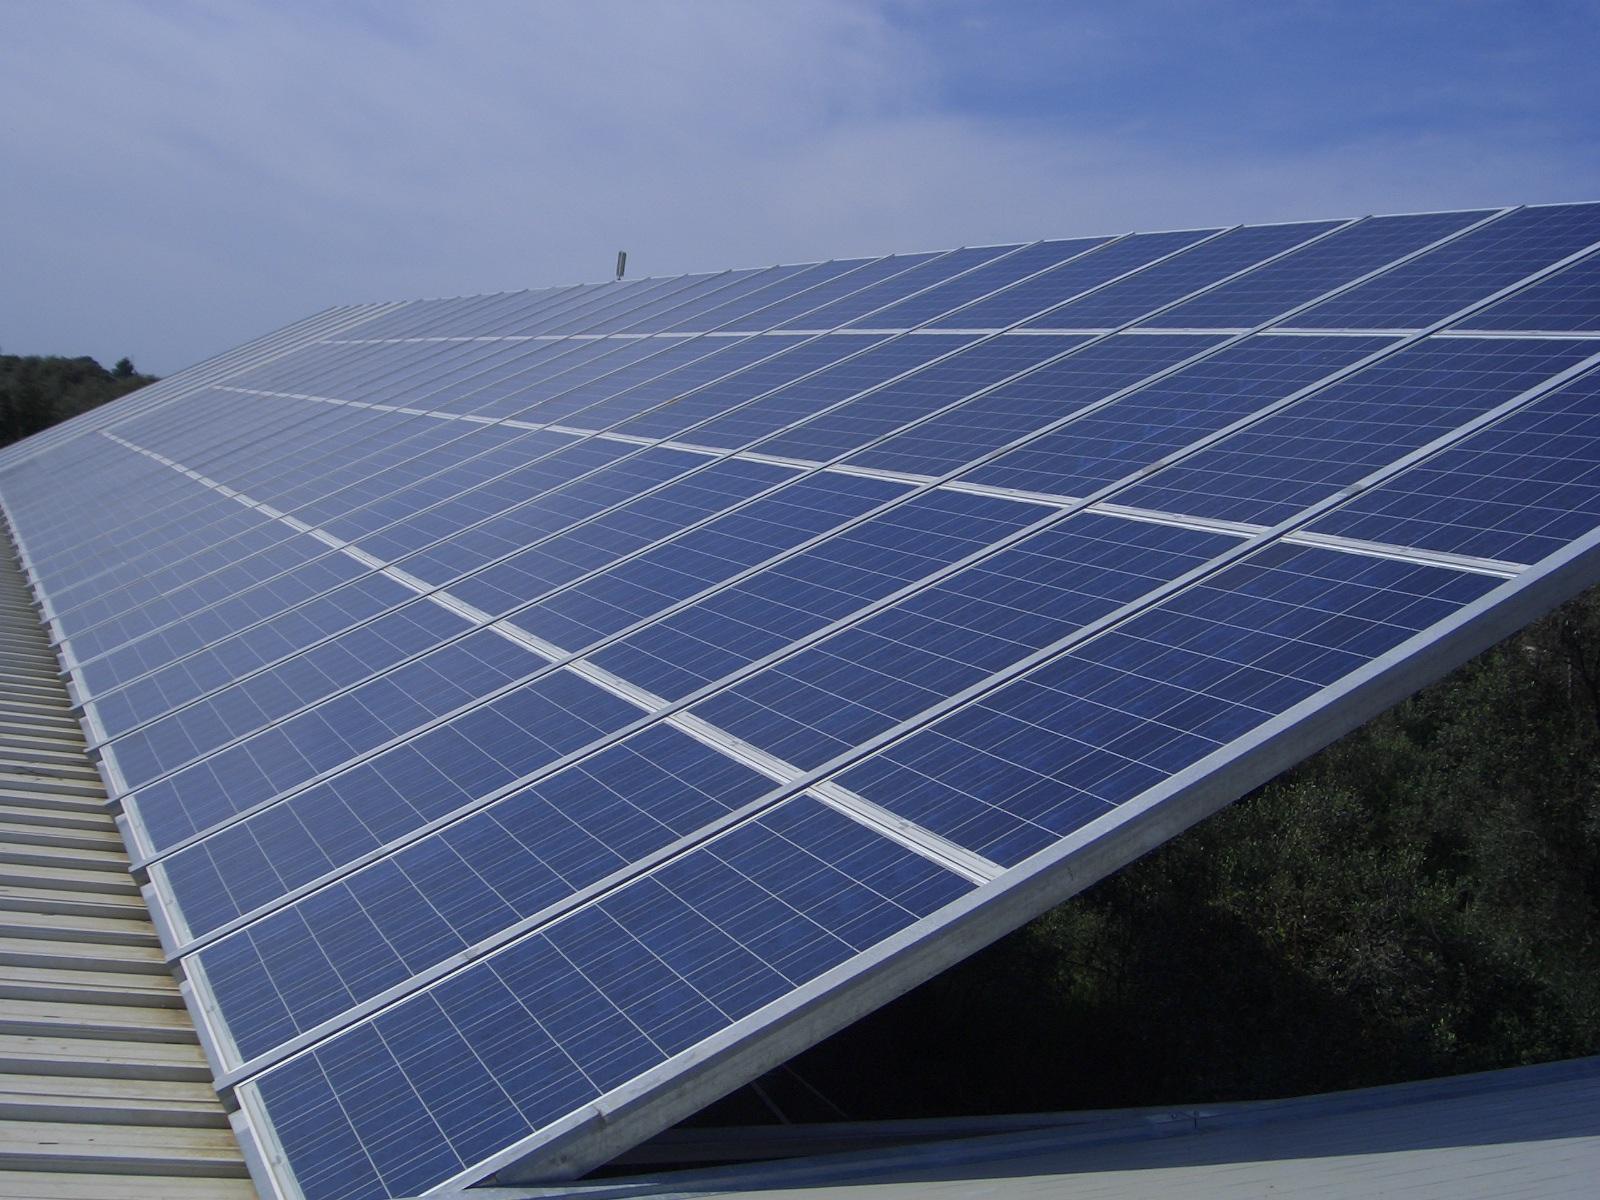 Installazione fotovoltaico su tetto in legno